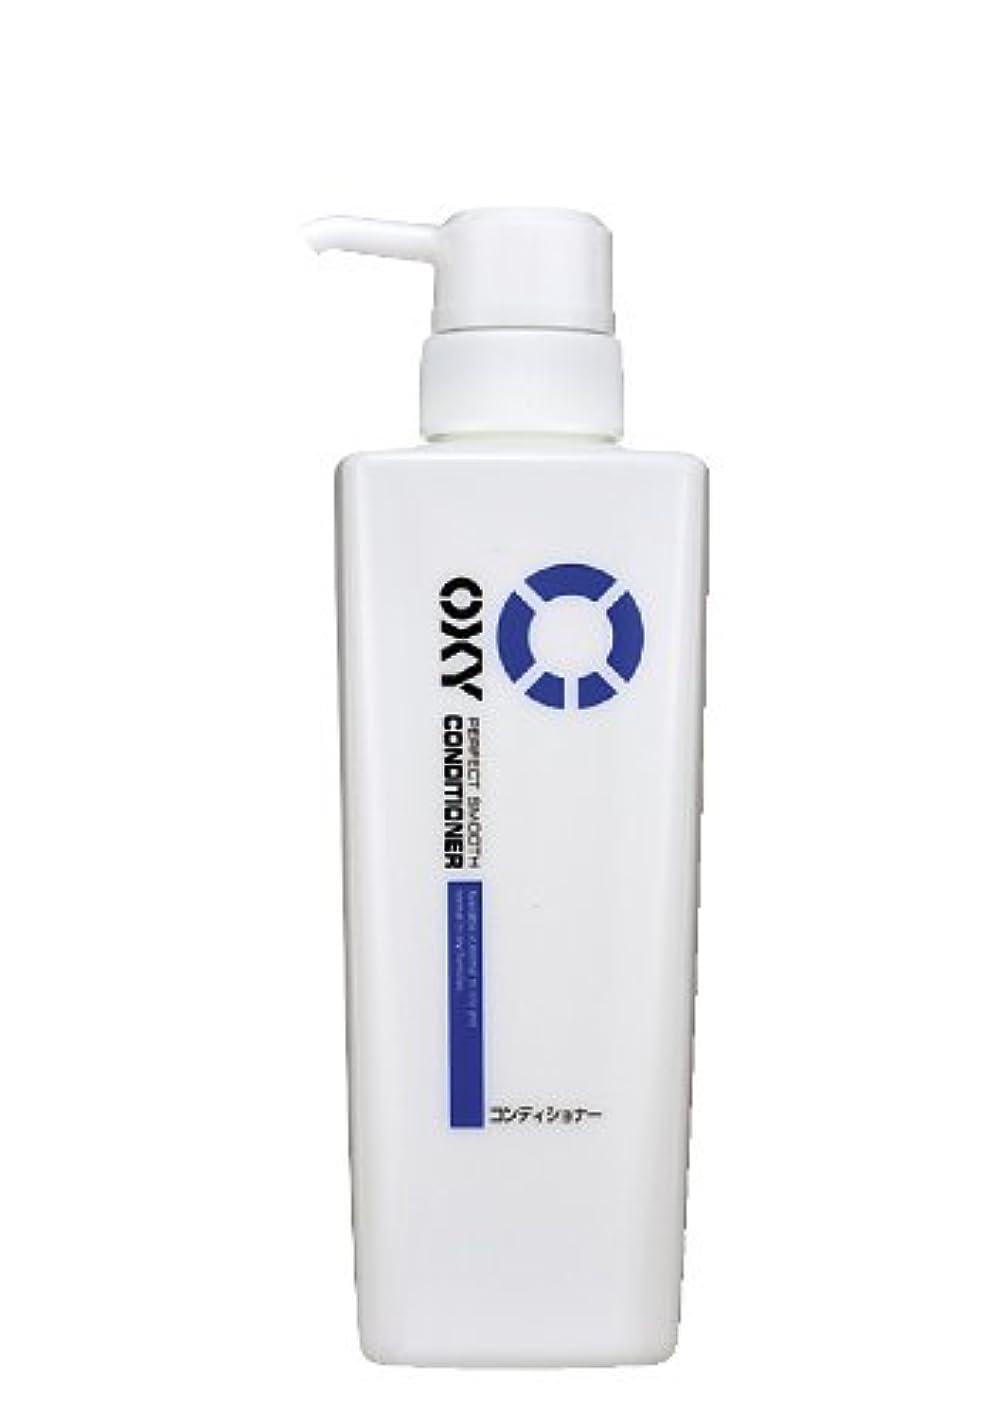 検出する職業色Oxy(オキシー) パーフェクトスムースコンディショナー 400mL